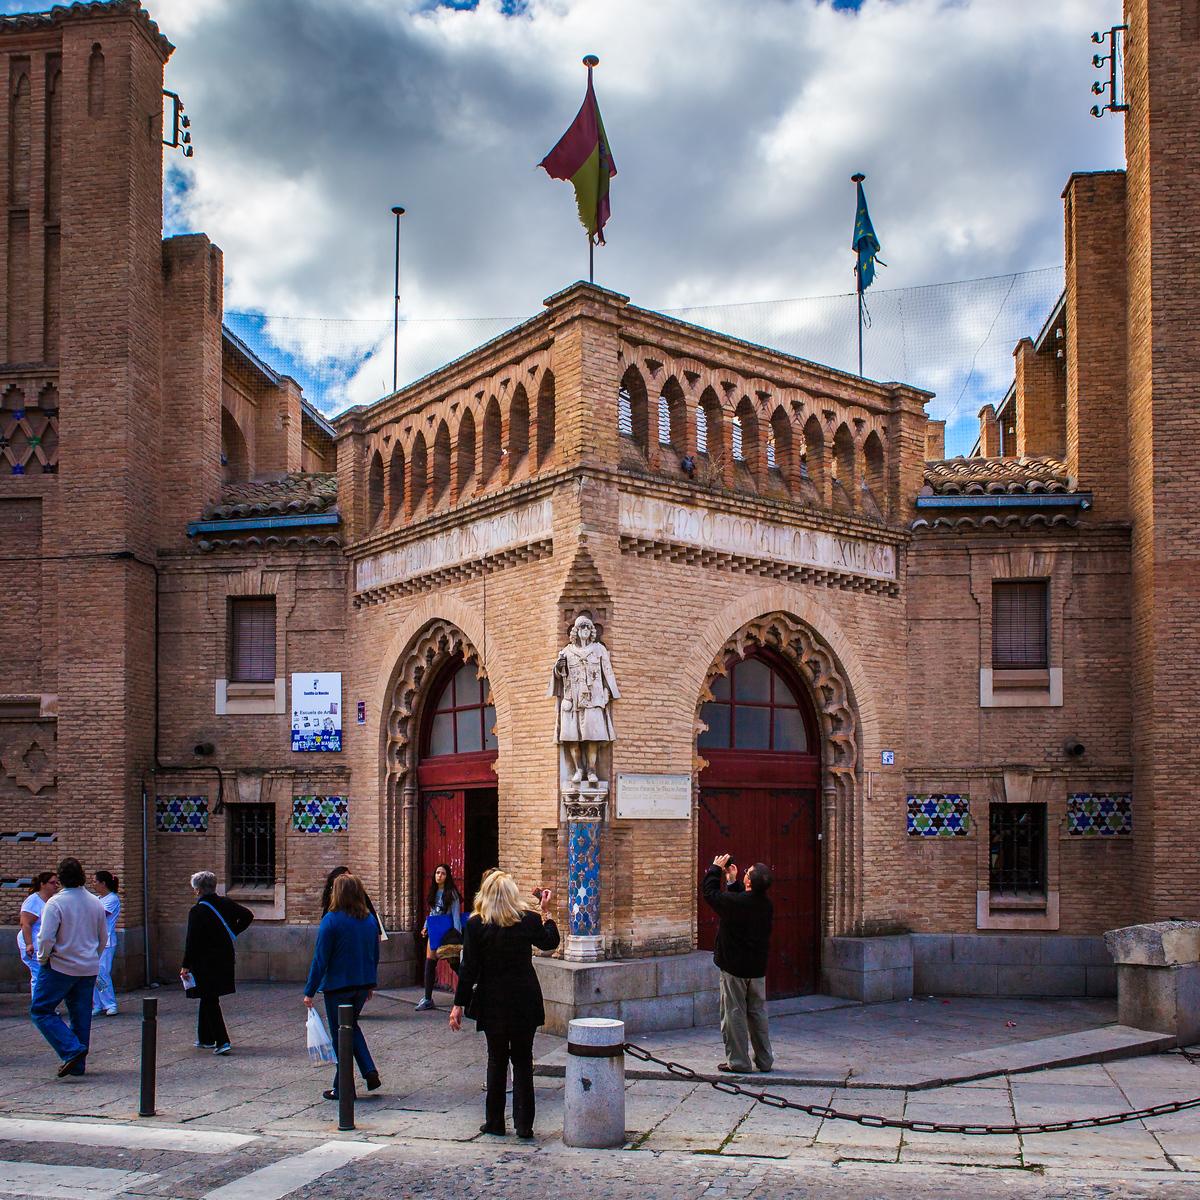 西班牙小镇的古建筑,走近看一看